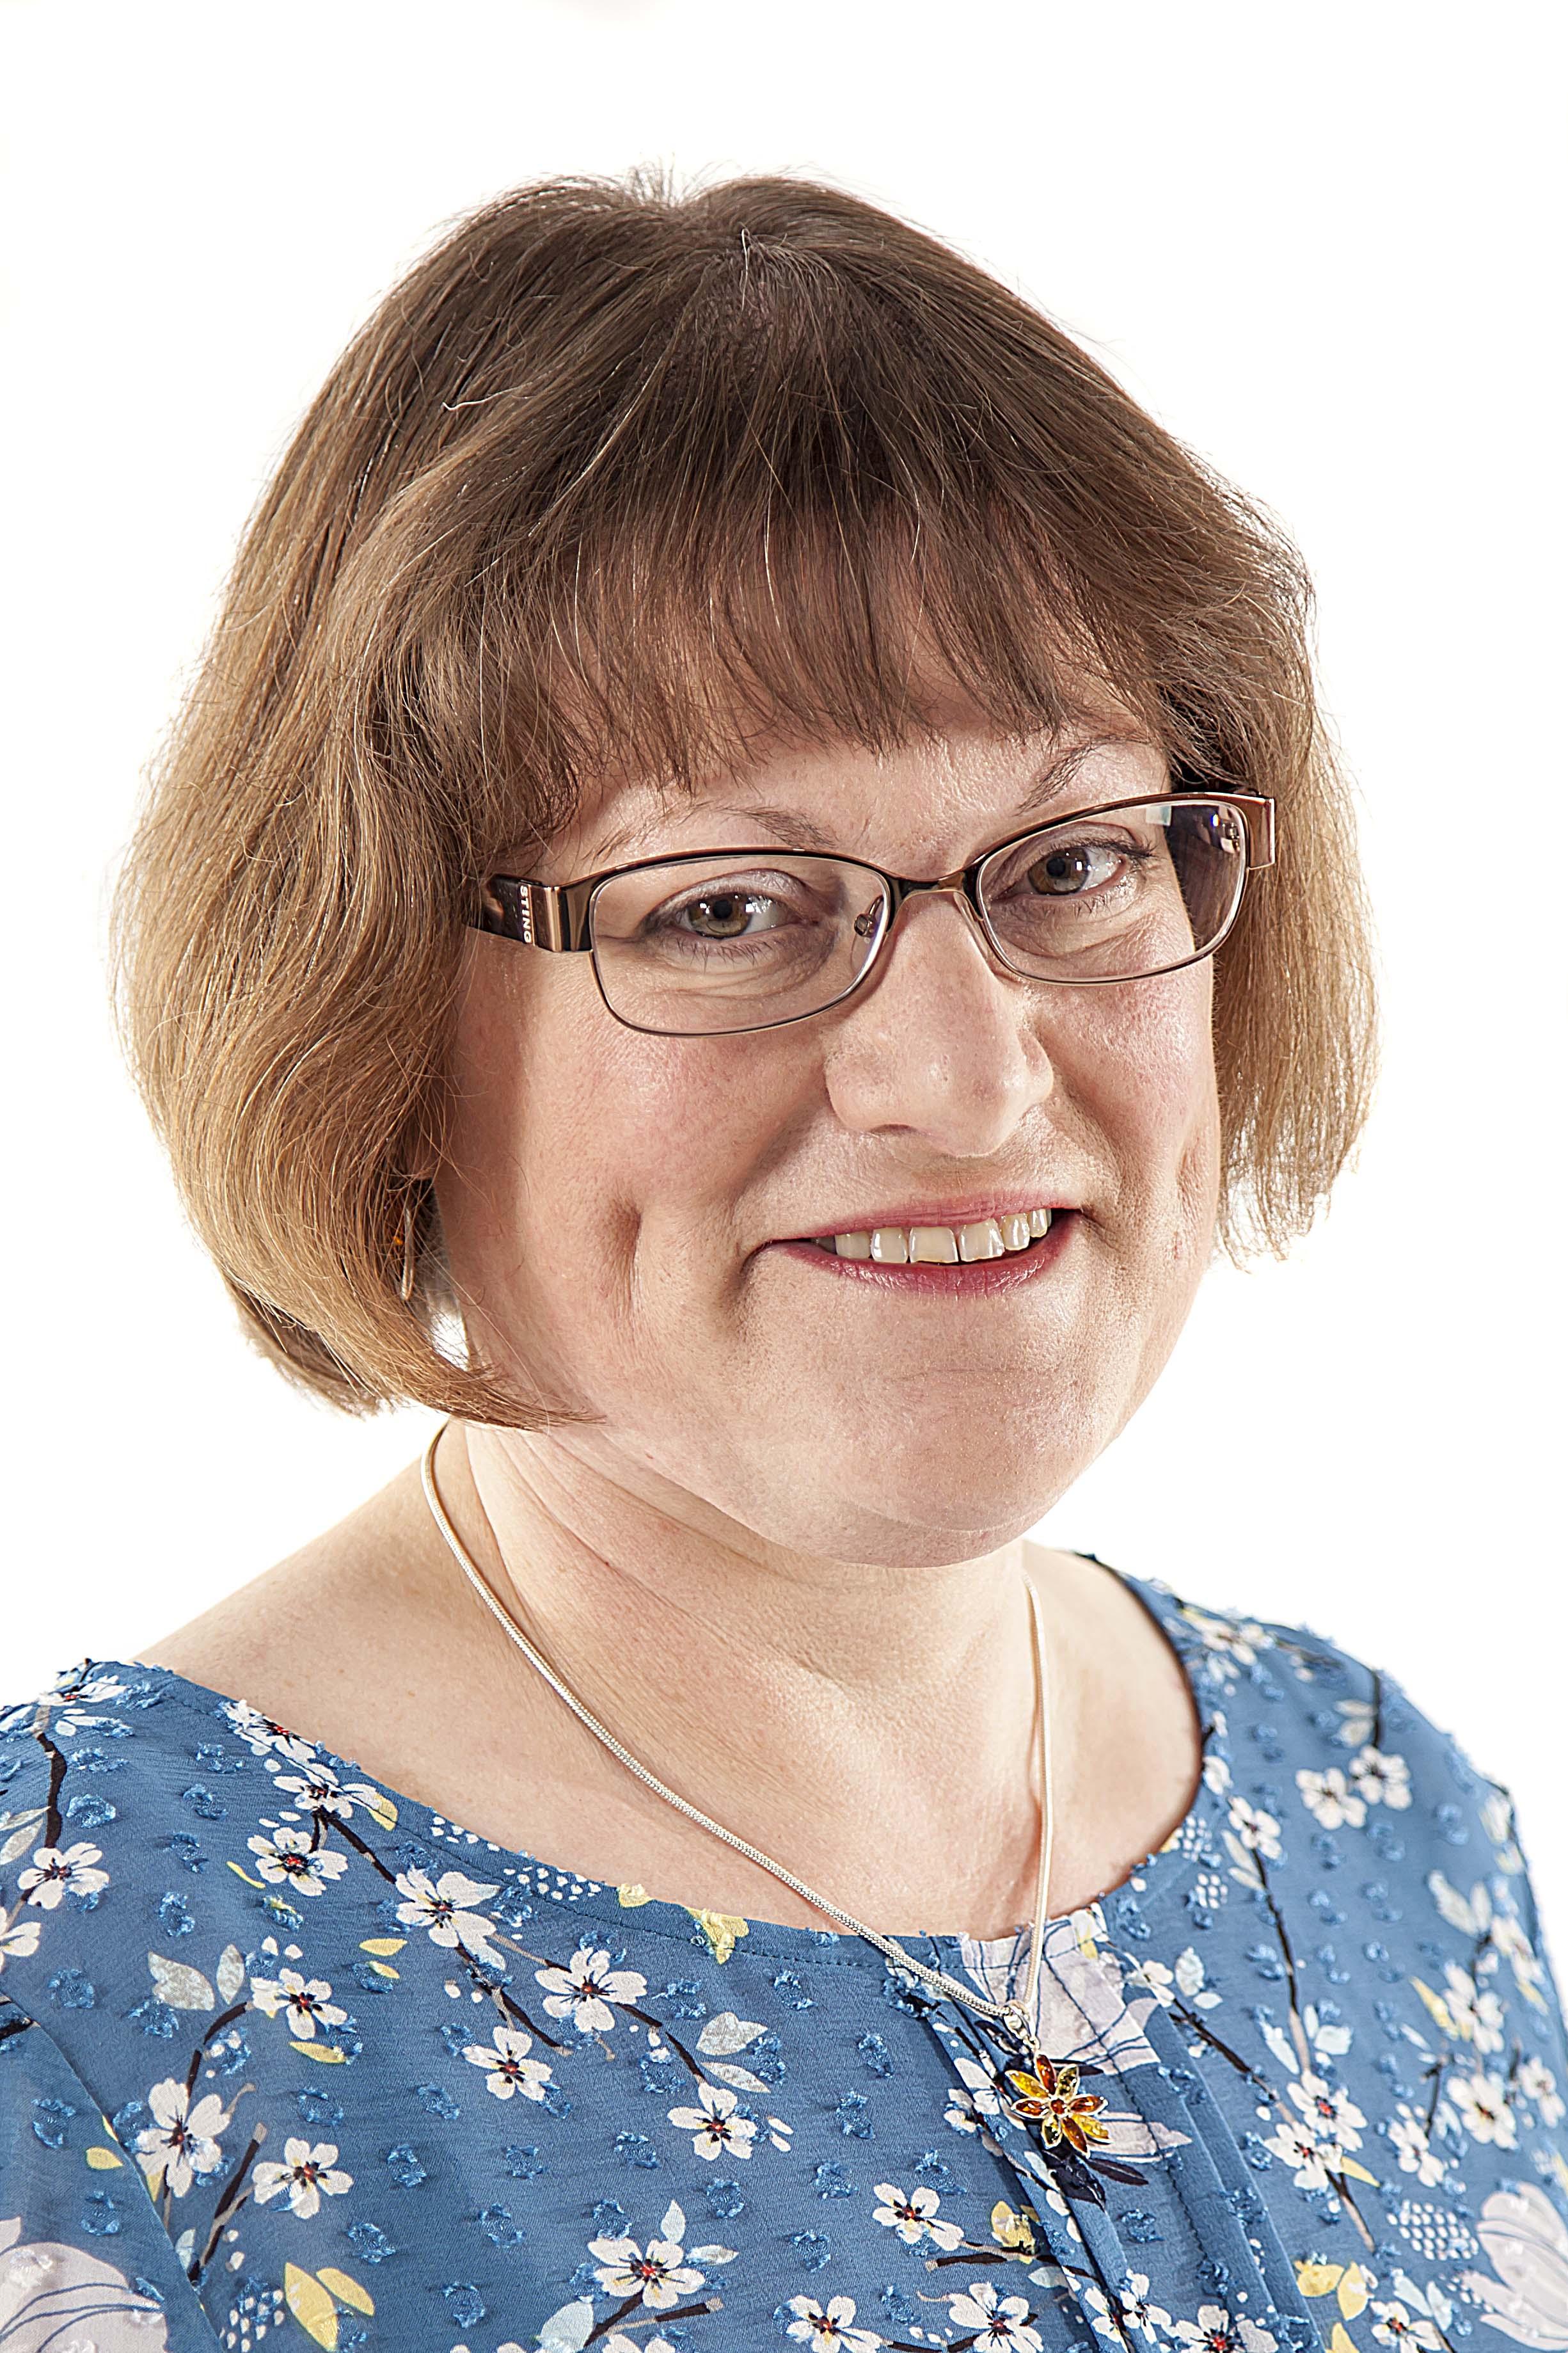 Sarah Hudson